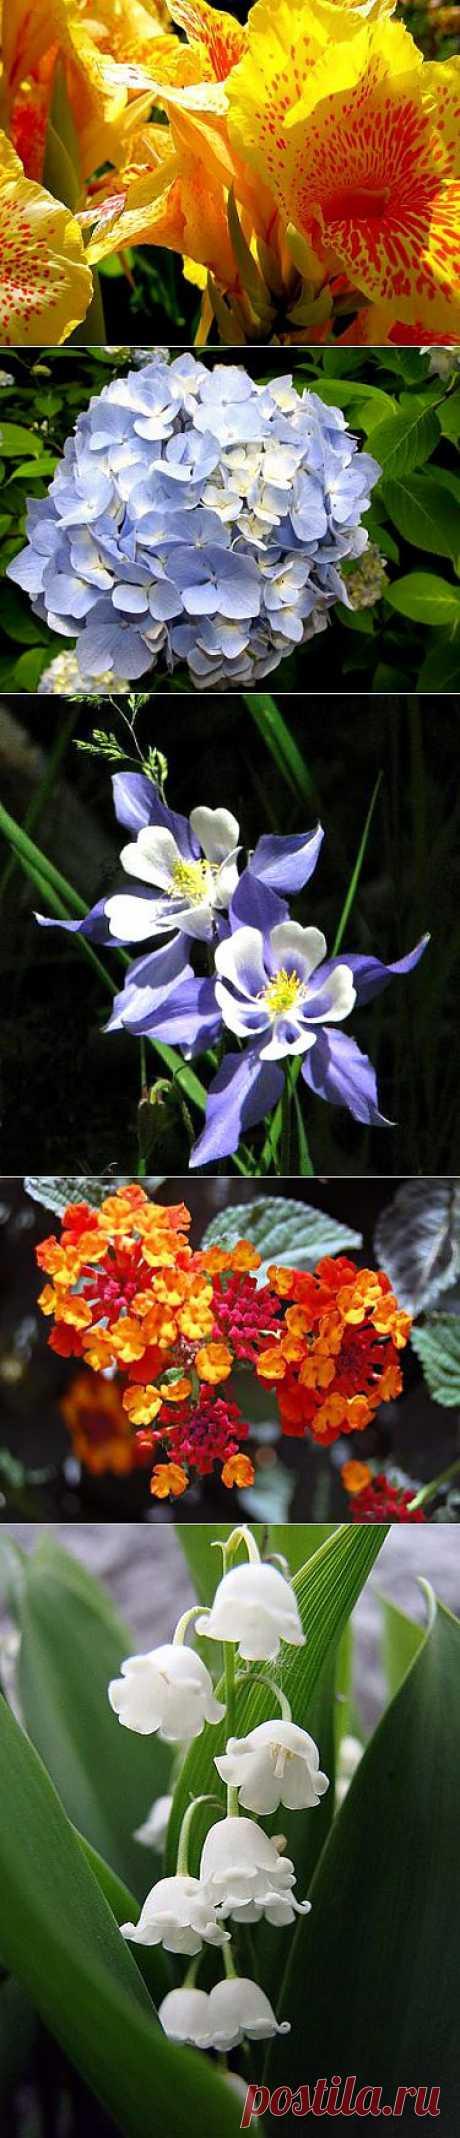 16 самых красивых цветков в мире